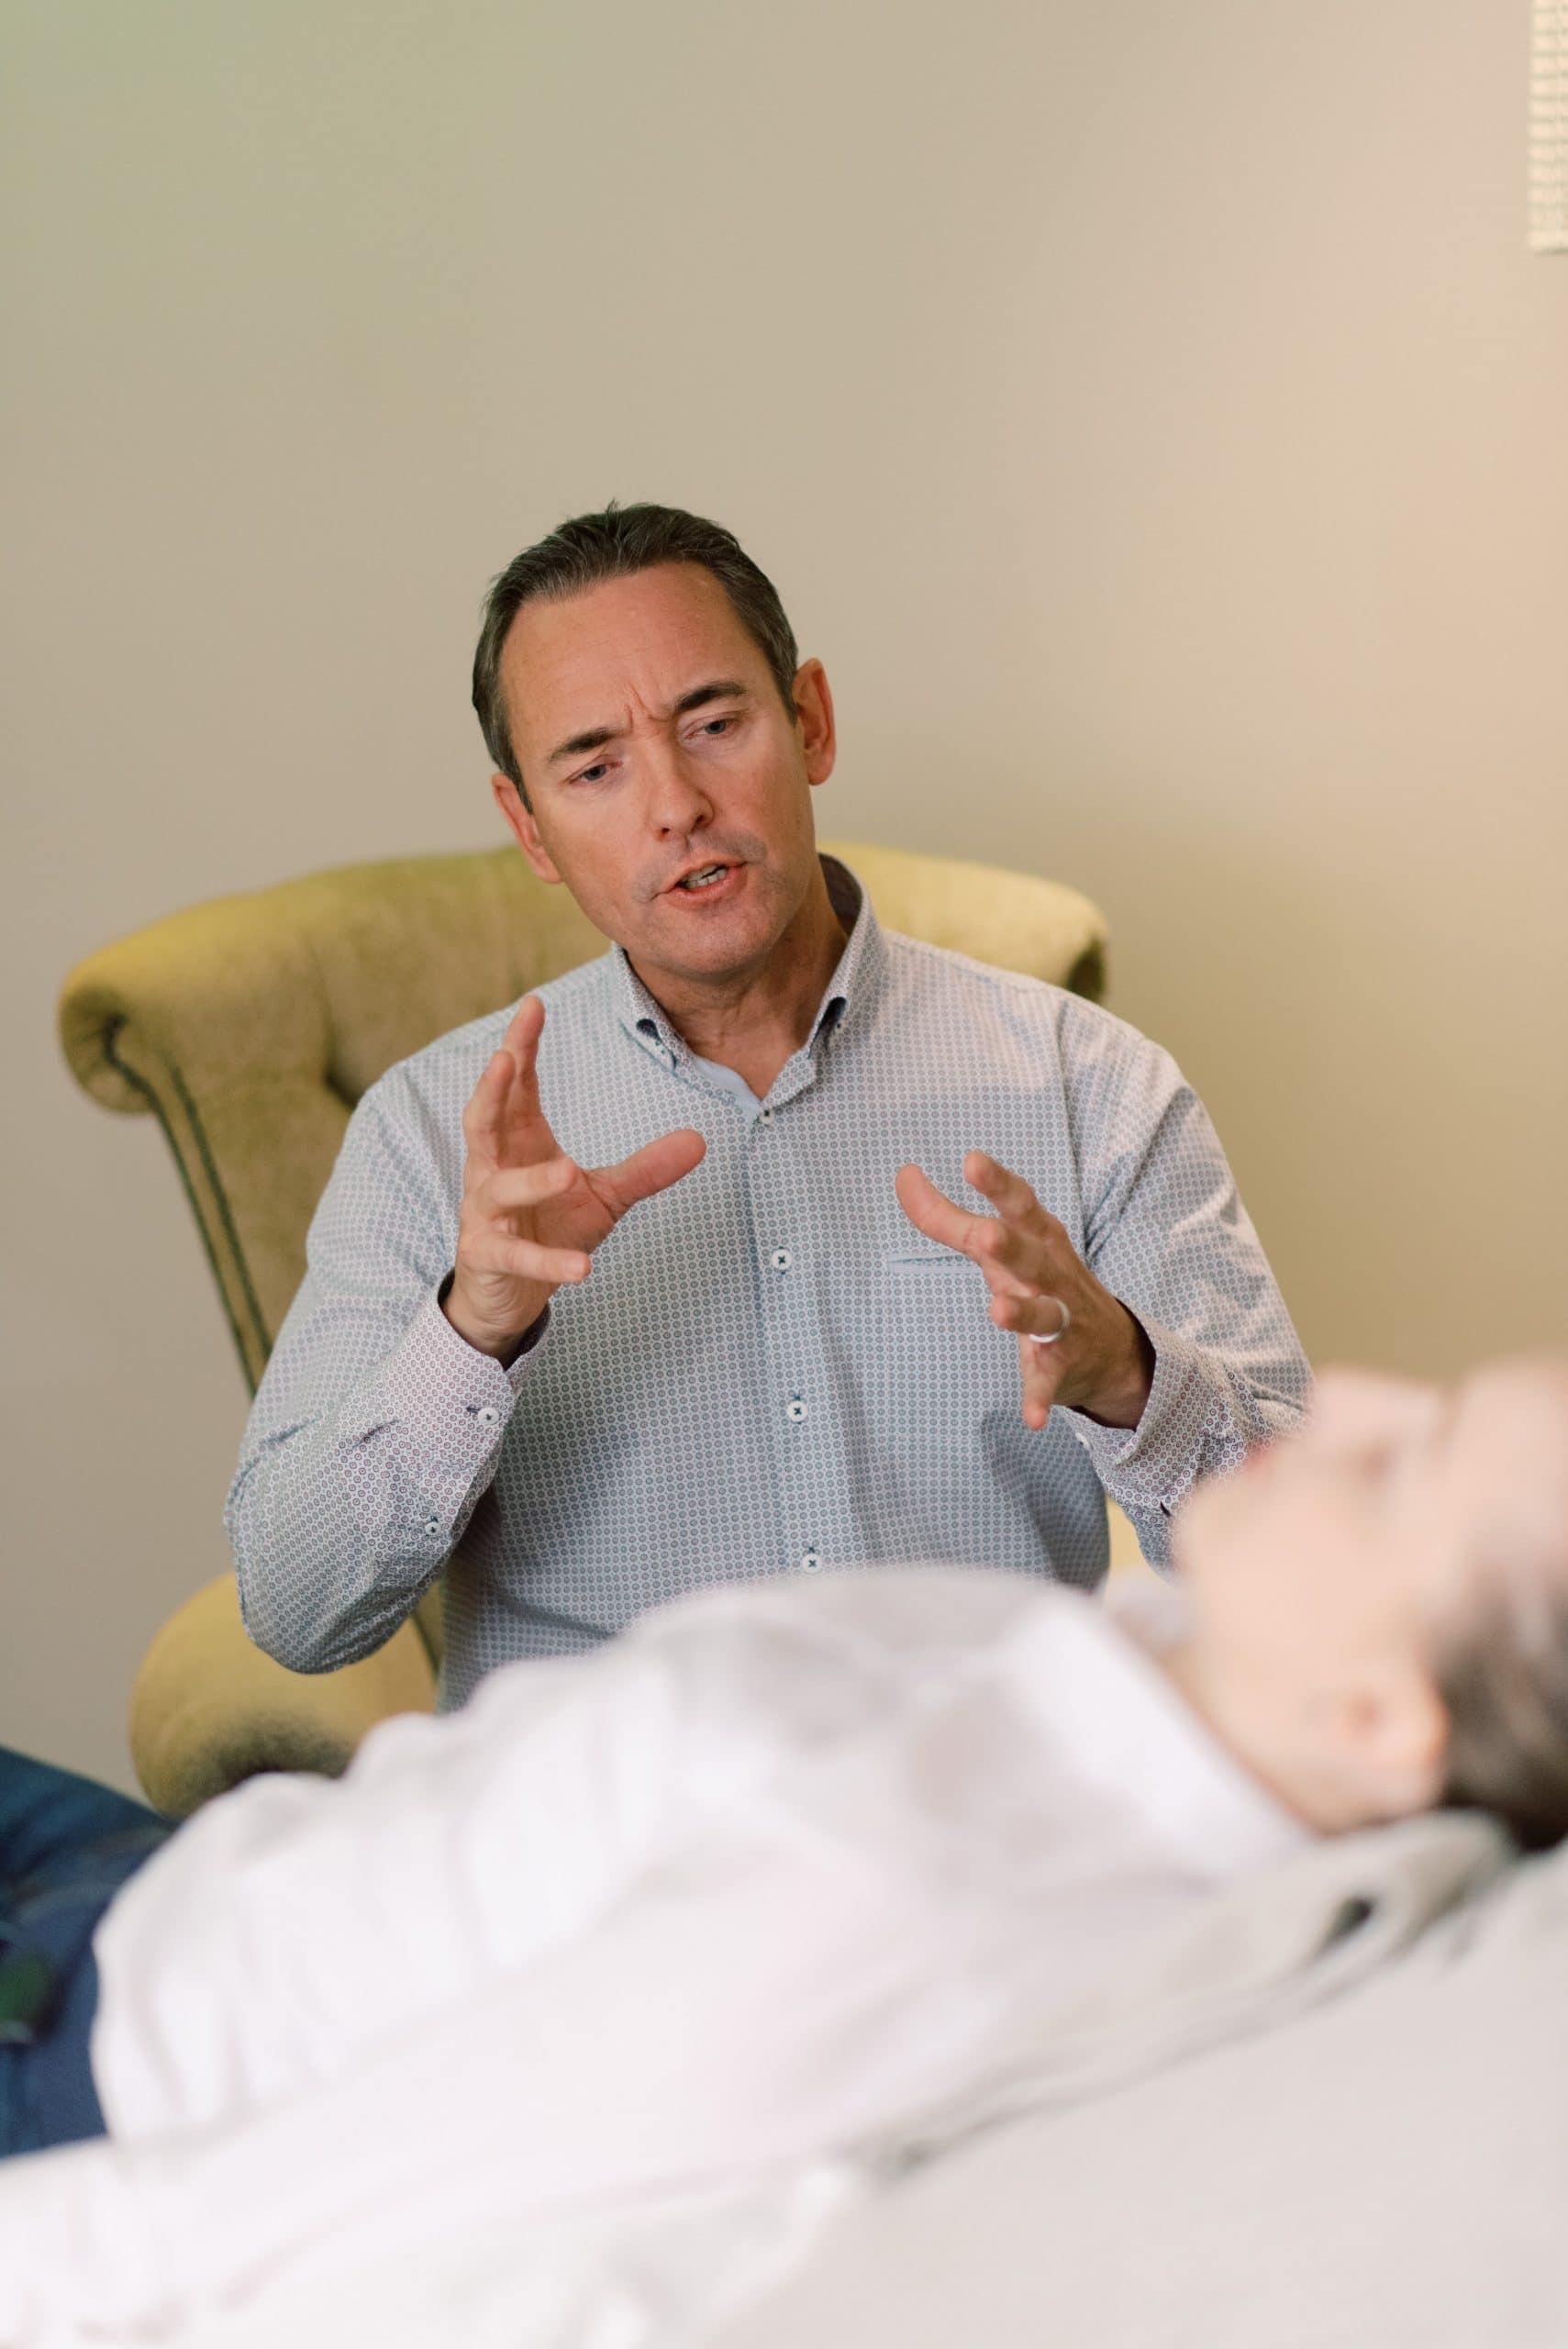 Facharzt (m/w/d) für Psychiatrie oder psychosomatische Medizin